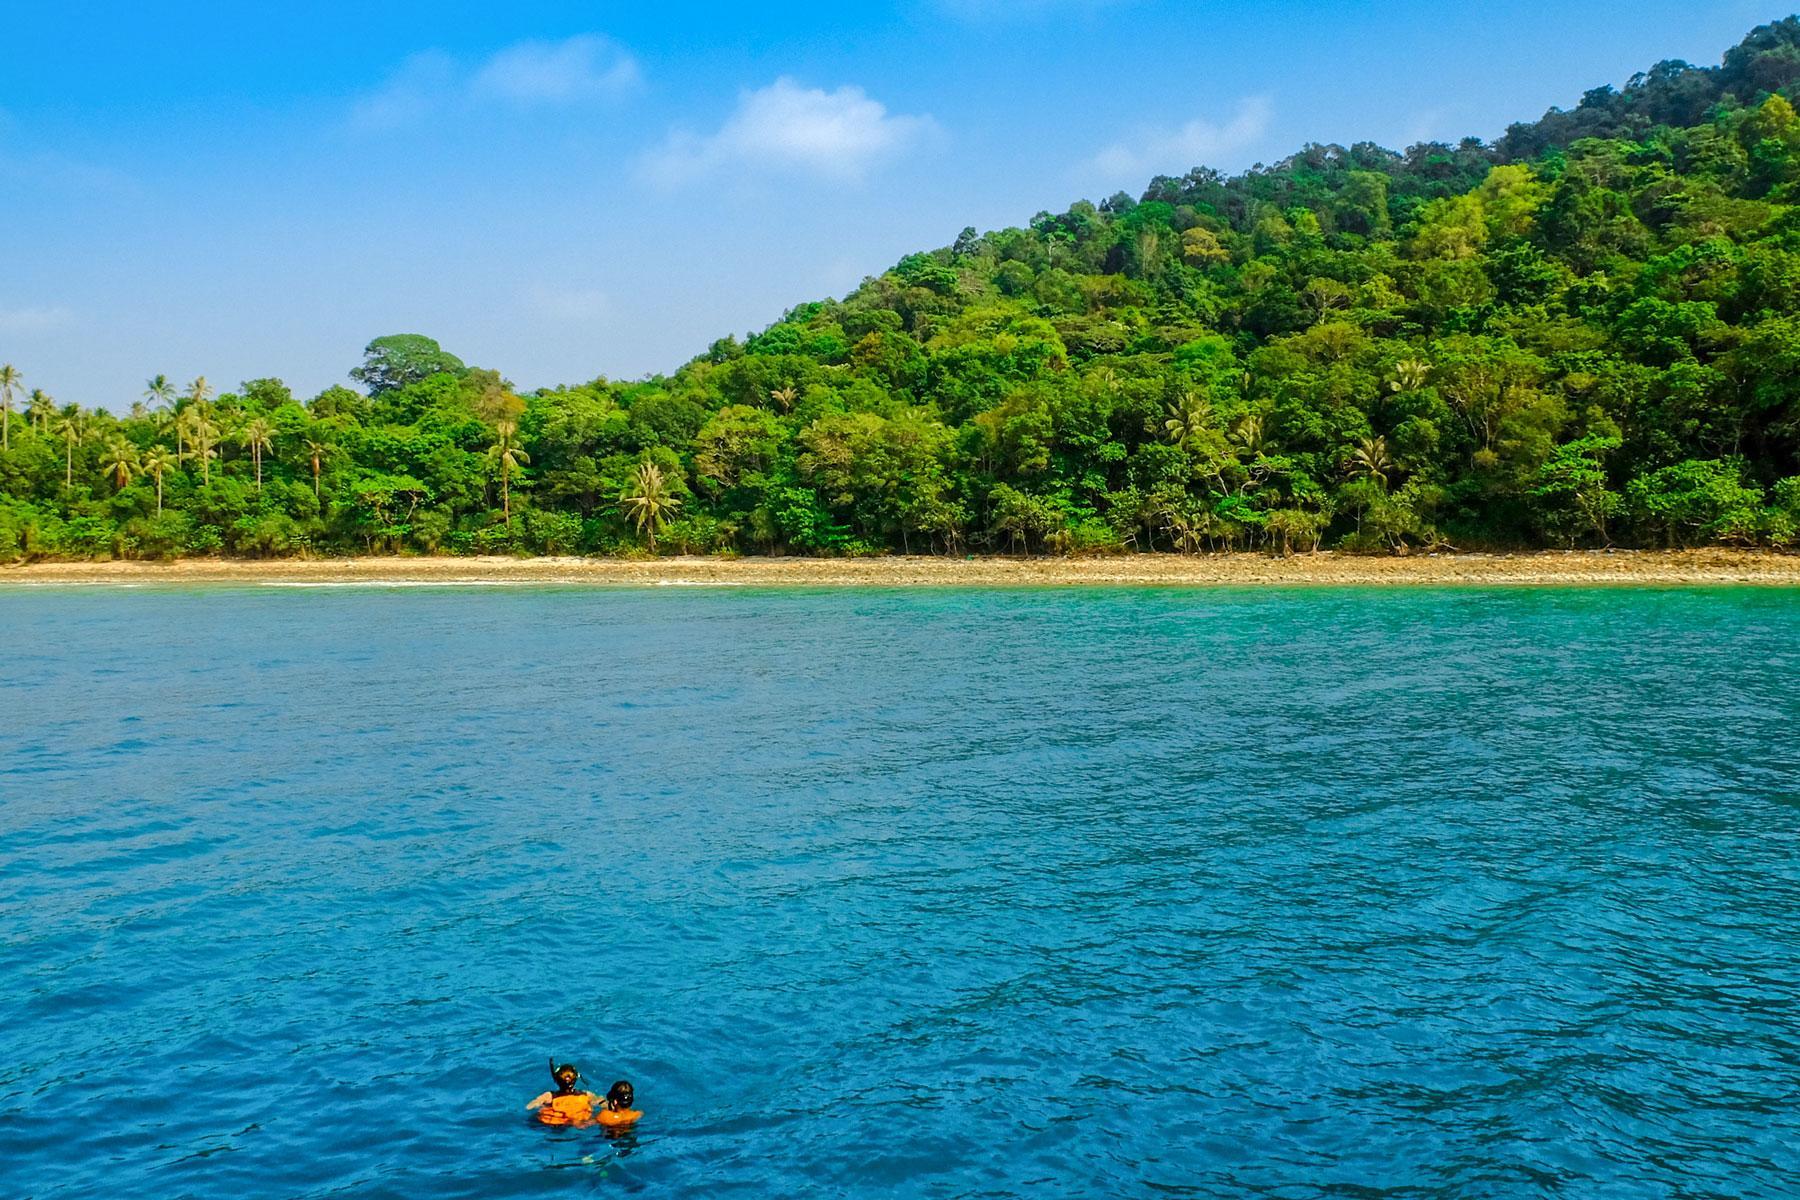 02_Thailand_Snorkeling_Diving_Koh_Lan_Shutterstock_436760710